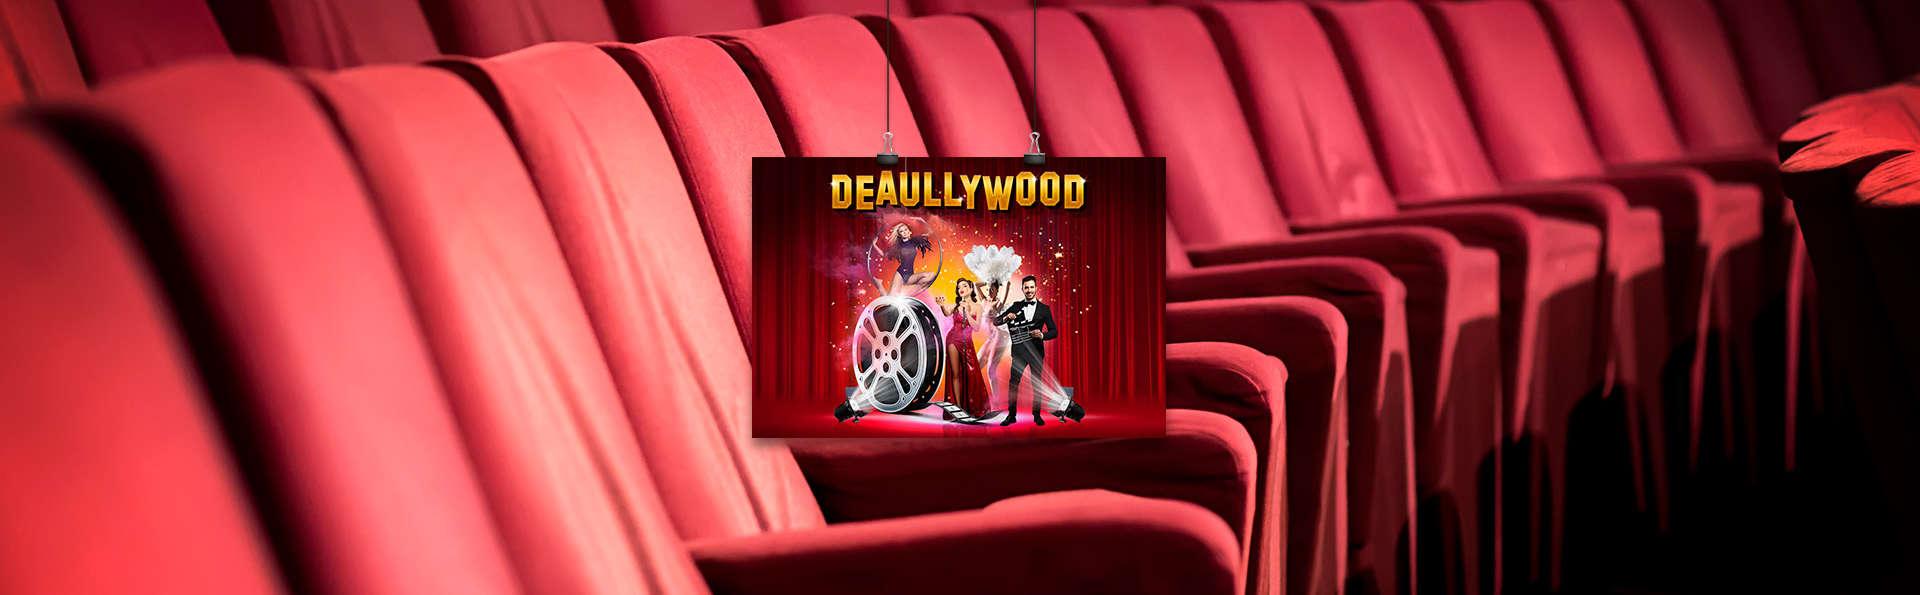 """Entrée pour le spectacle """"Deaullywood"""" avec dîner et séjour 3* à Deauville"""